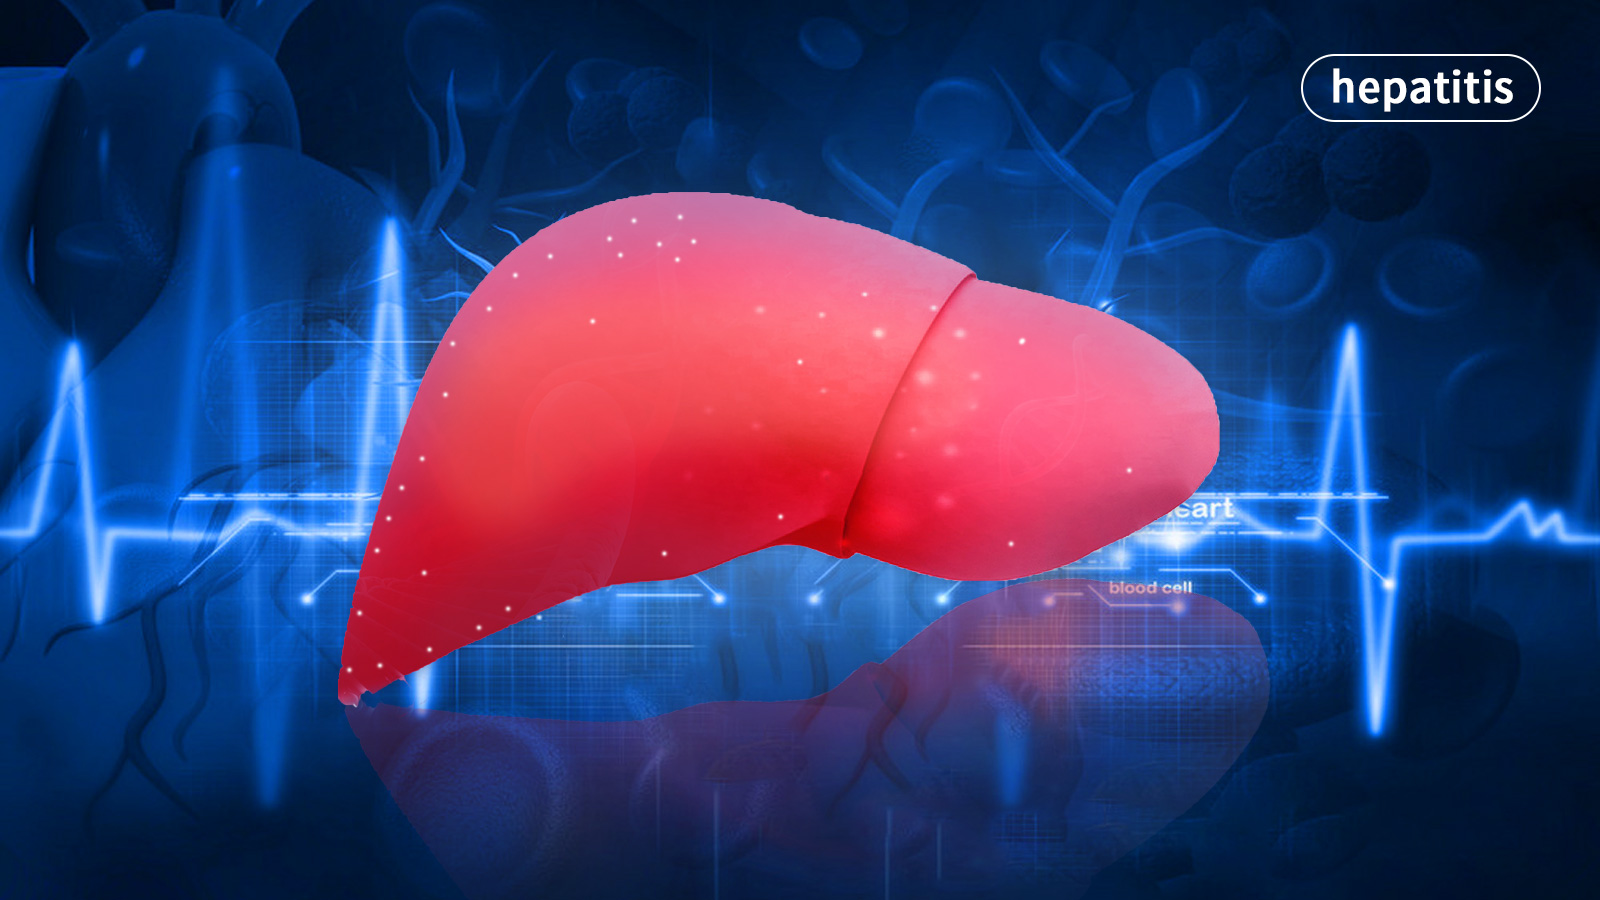 我国科学家在干细胞治疗肝病领域又取得进展